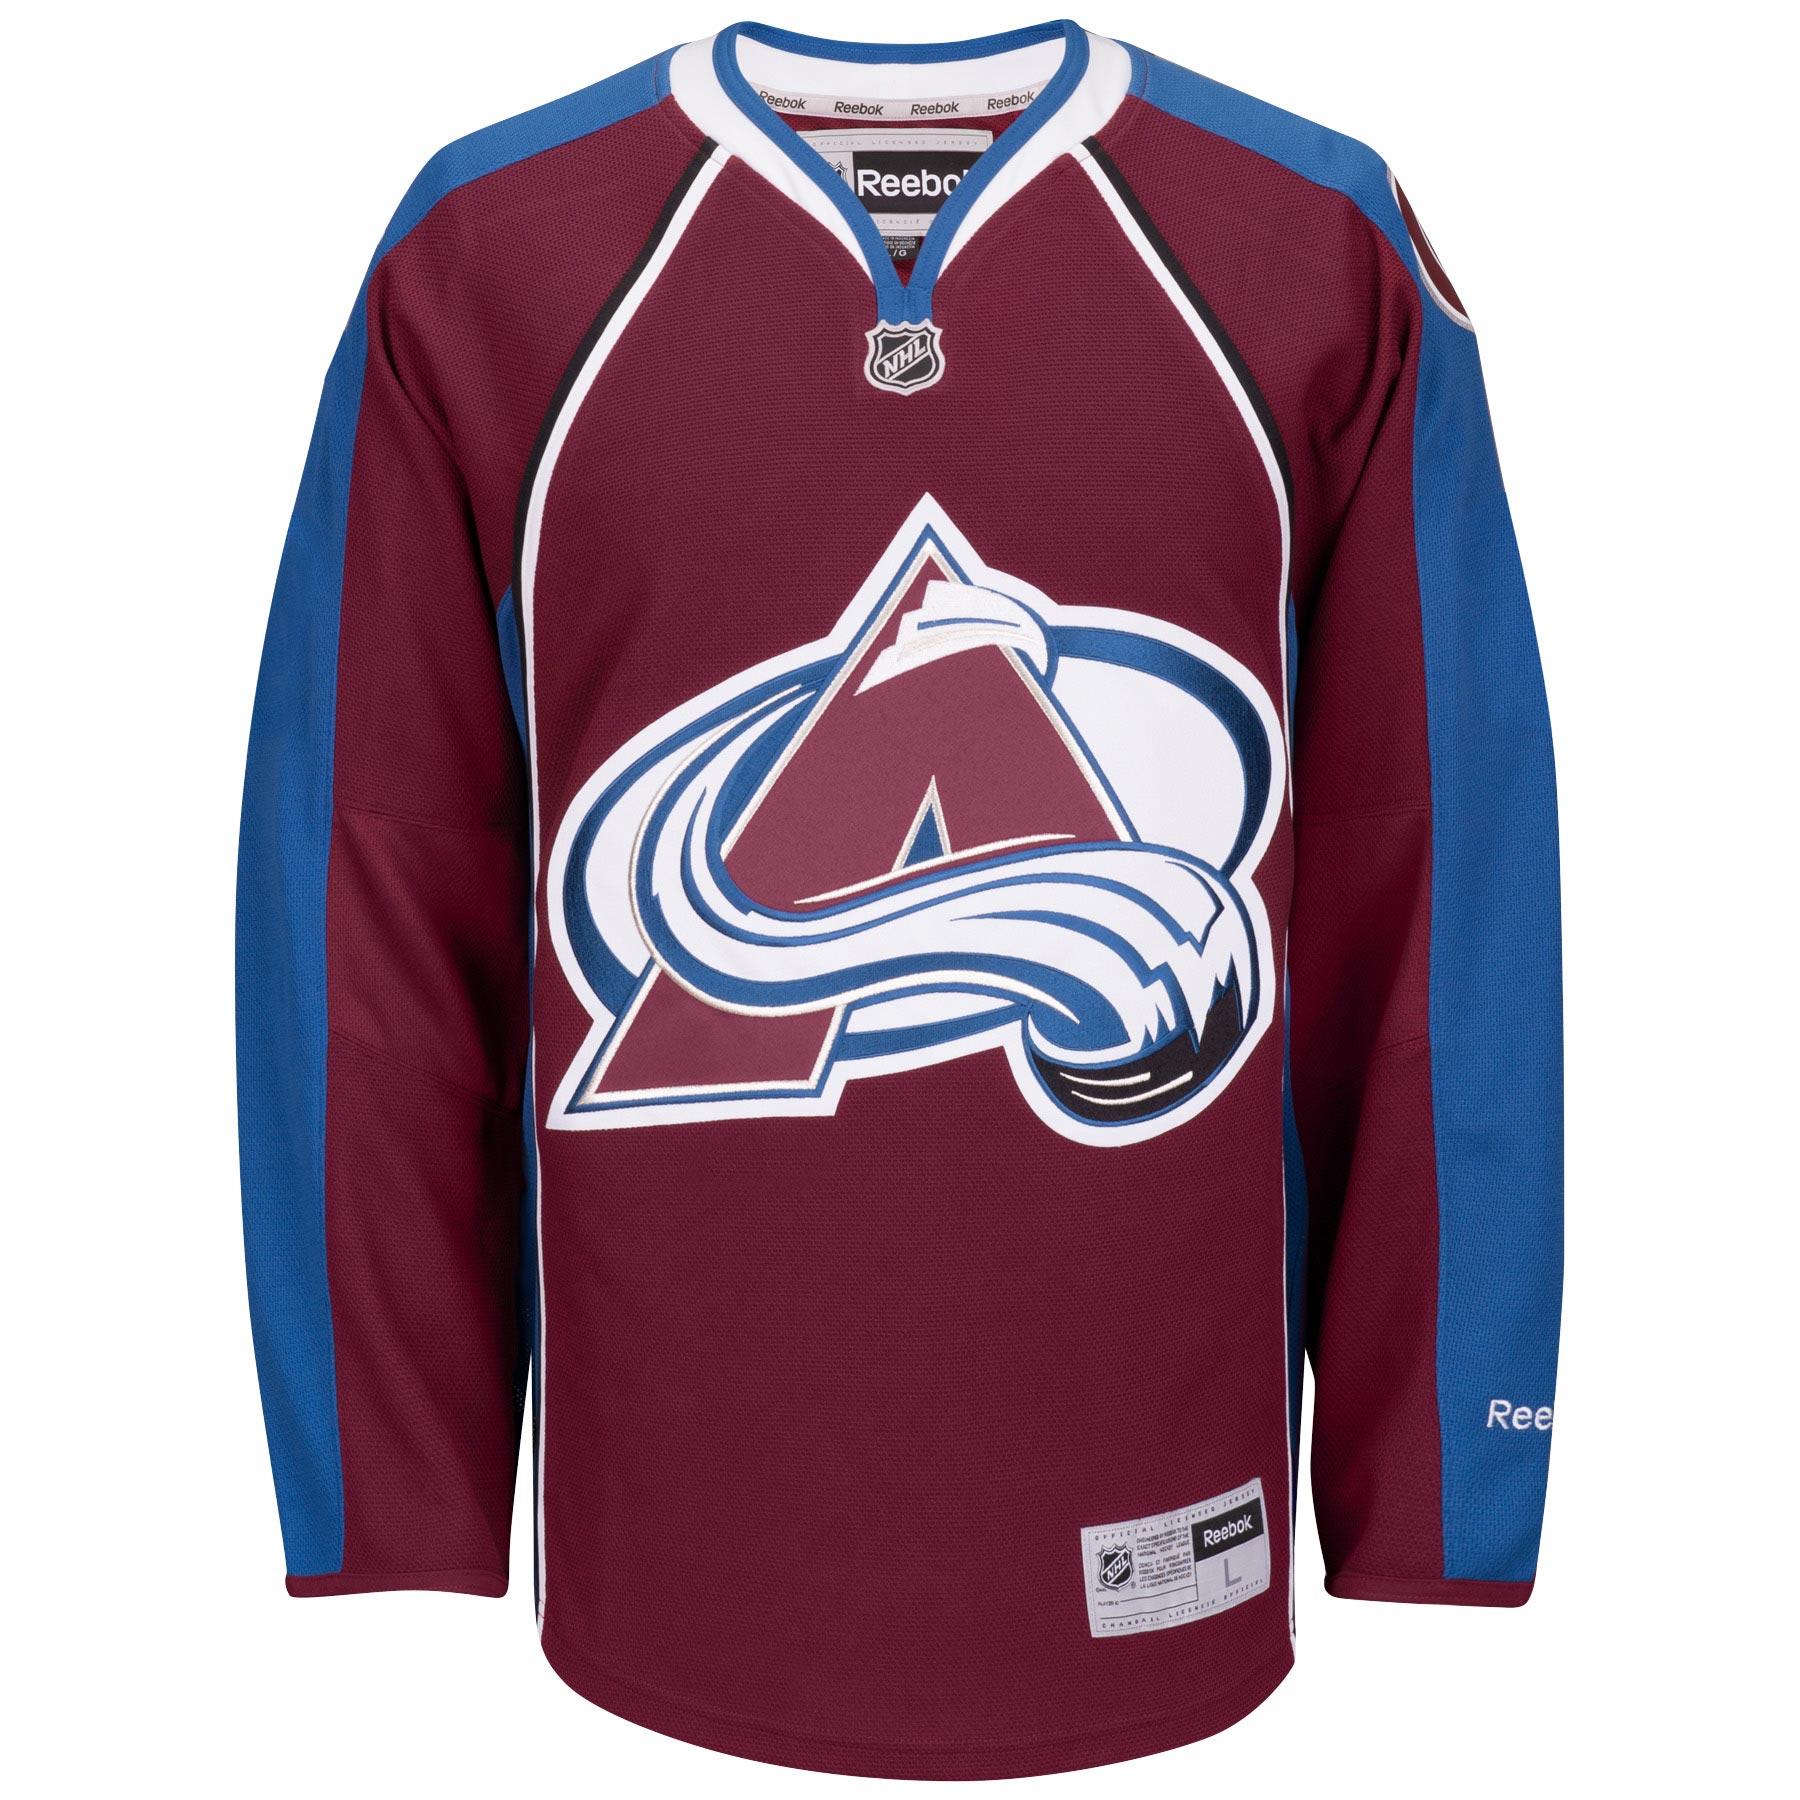 Reebok Dres Colorado Avalanche Premier Jersey Home Velikost: L, Distribuce: Kanada